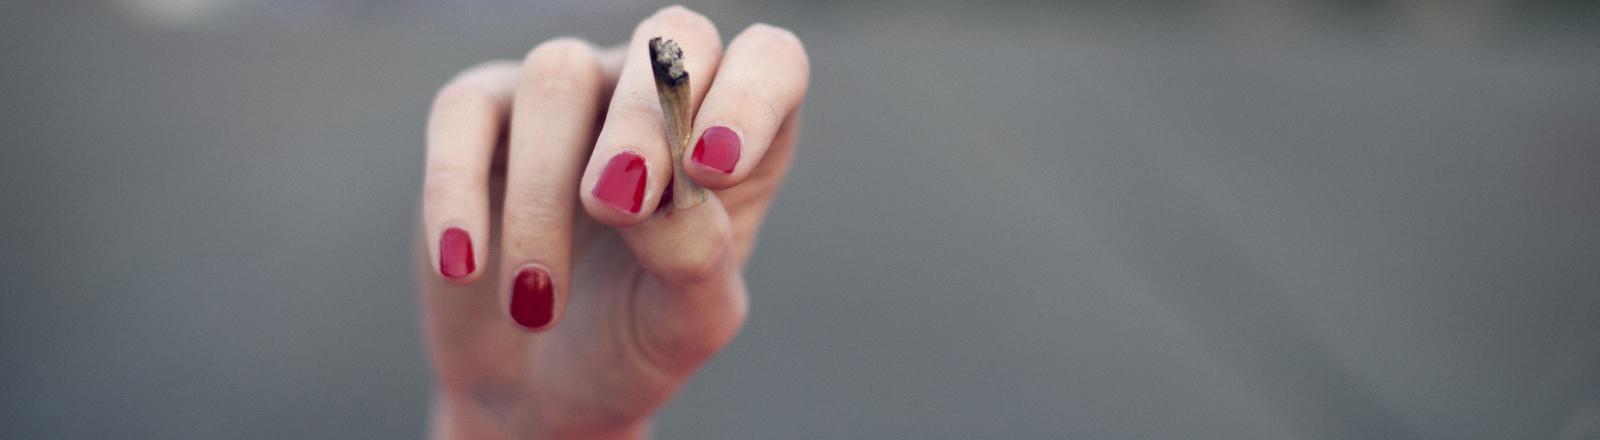 Hand mit lackierten Nägeln, die einen Joint hält